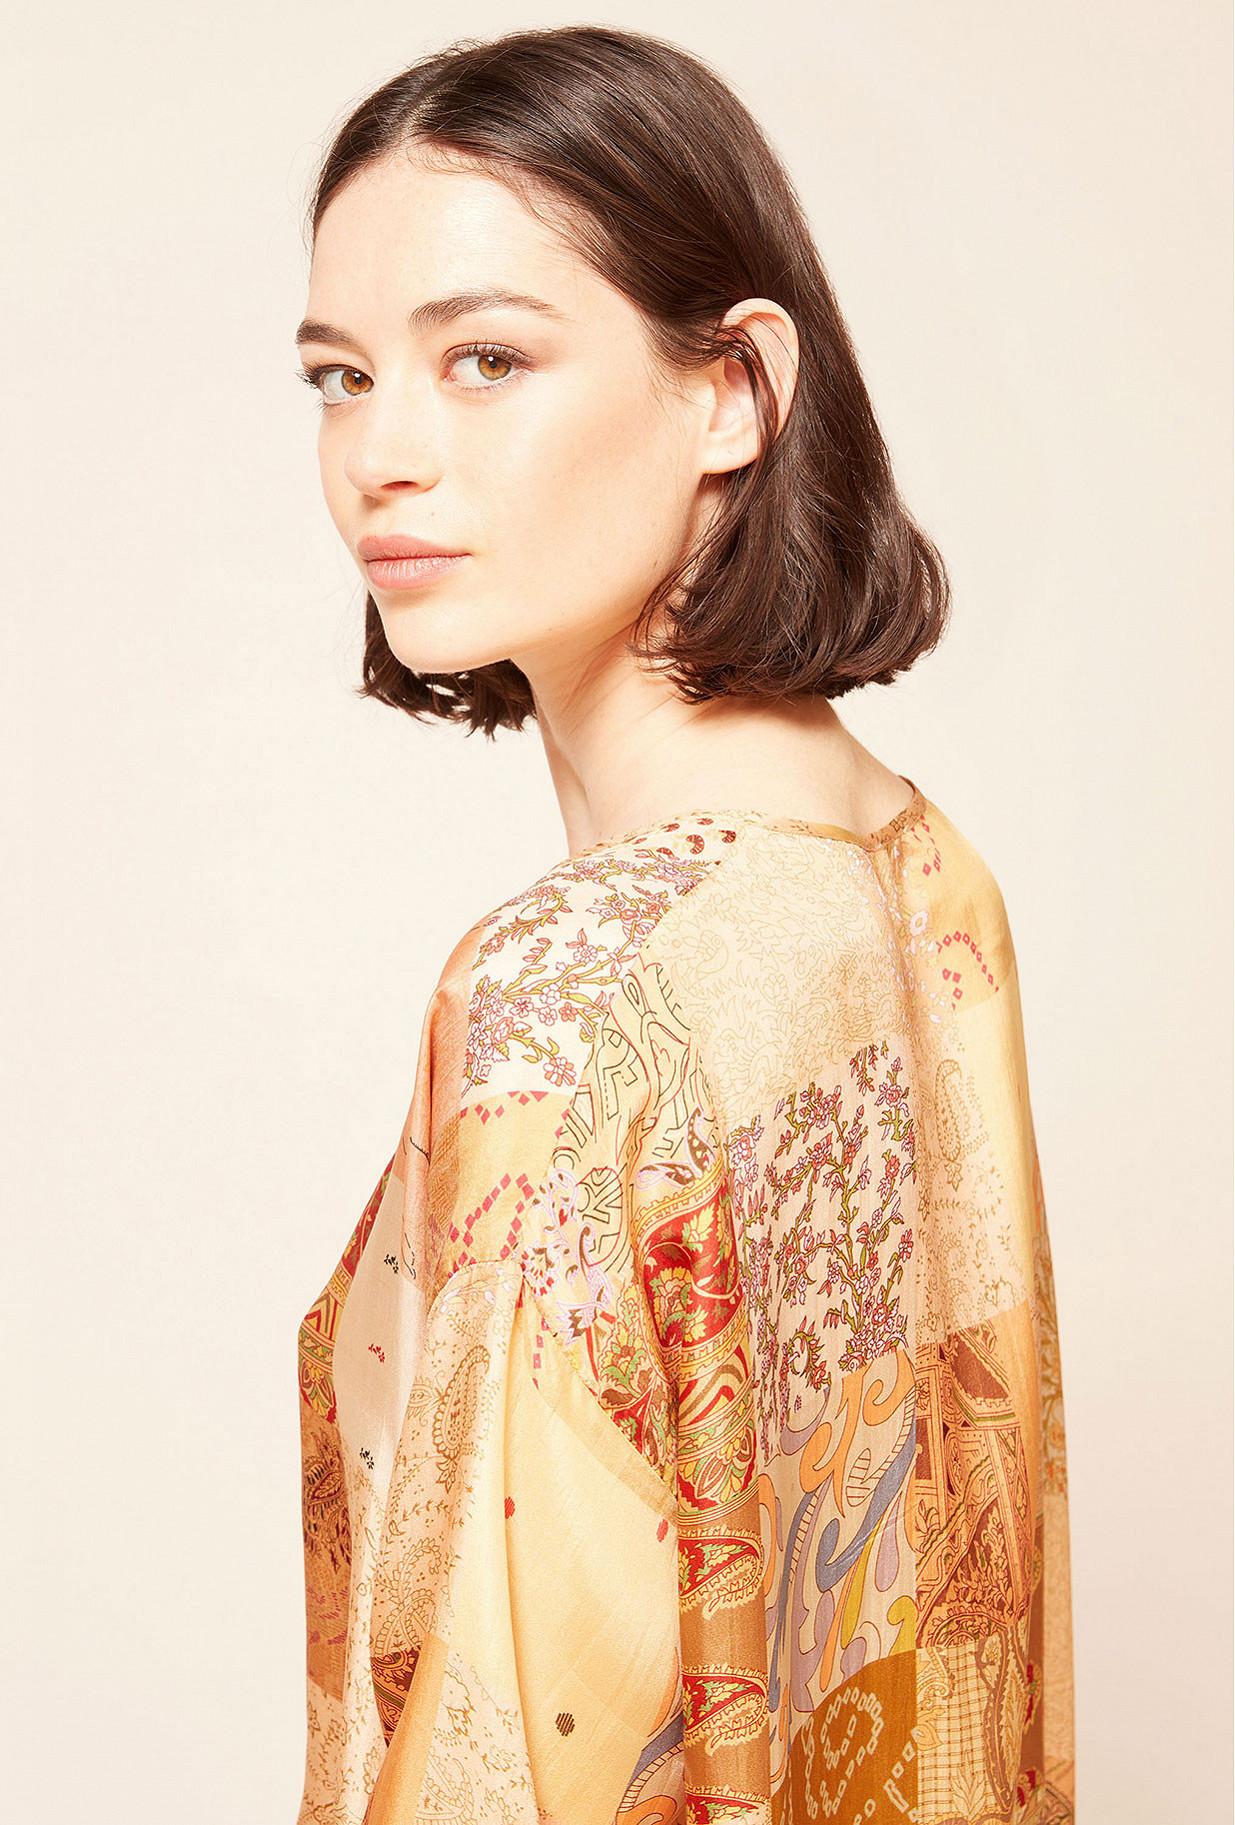 Paris boutique de mode vêtement Blouse créateur bohème Pachtou